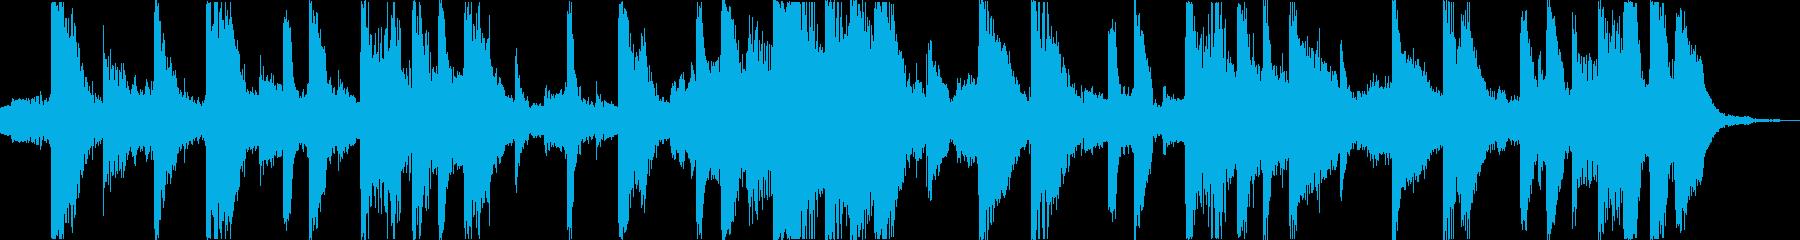 おしゃれ洋楽ヒップホップR&Bソウルgの再生済みの波形